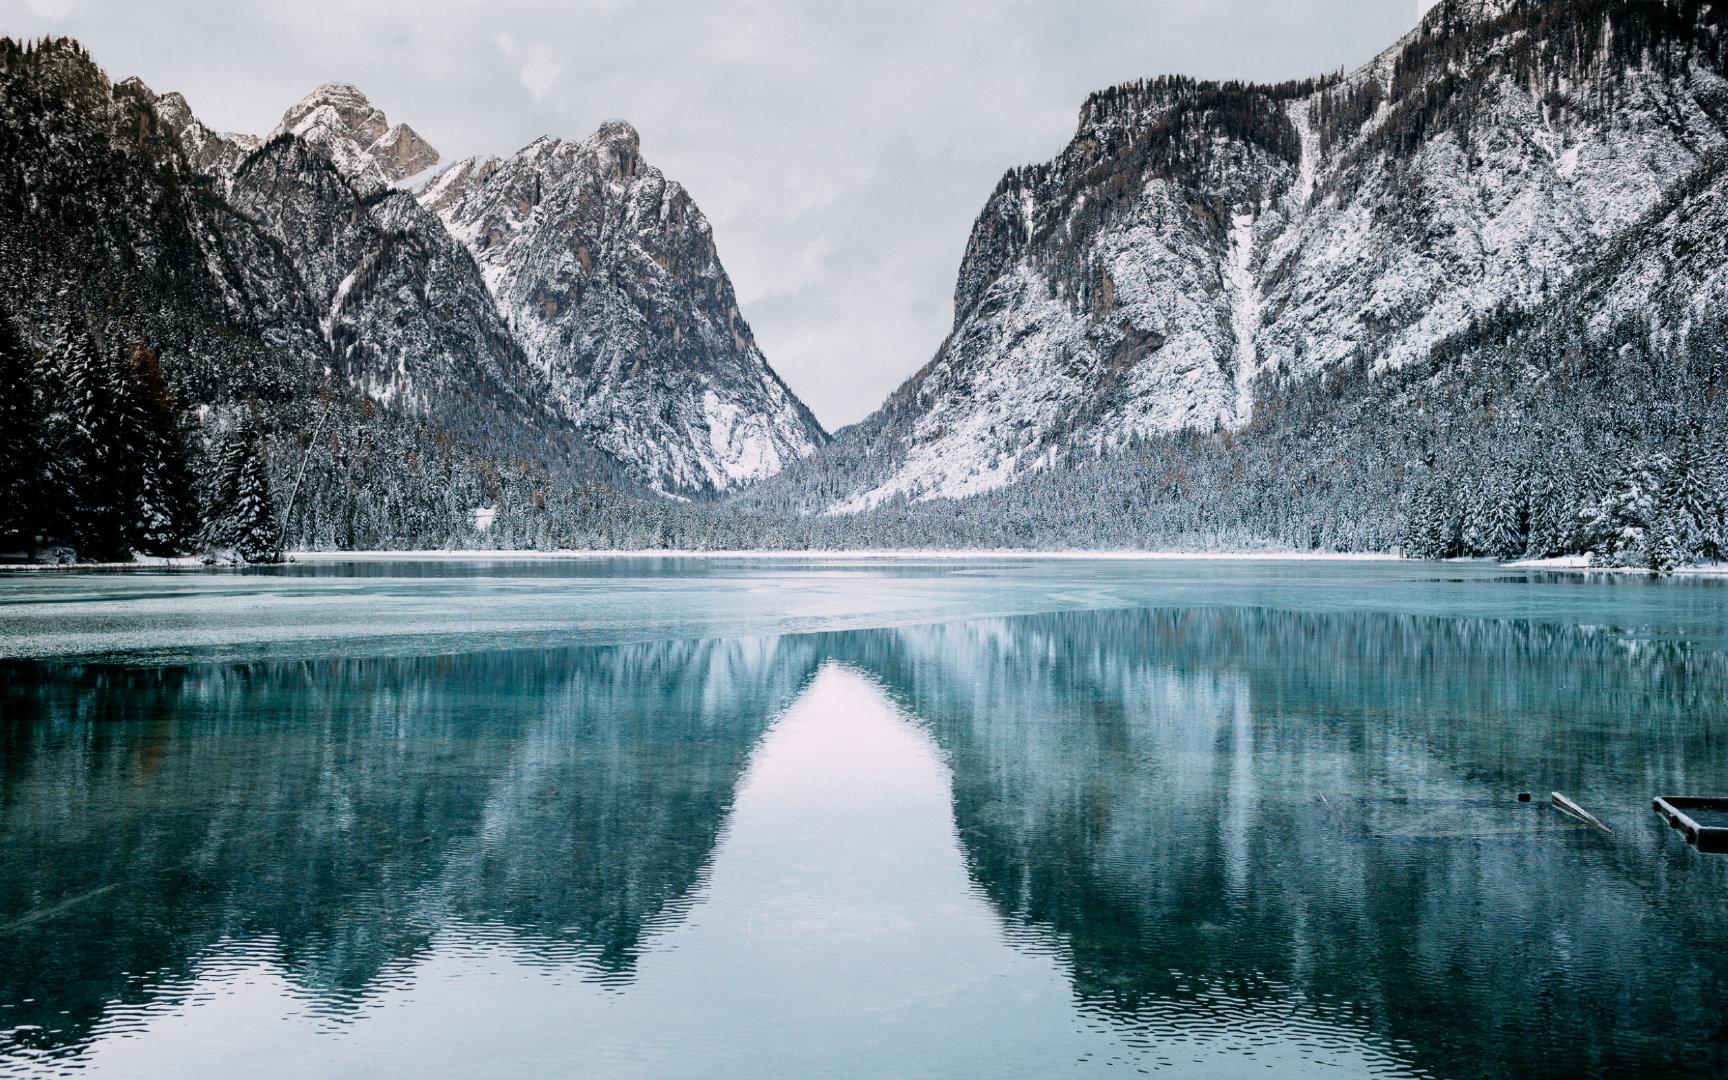 优美的湖泊风景4K超高清壁纸图片